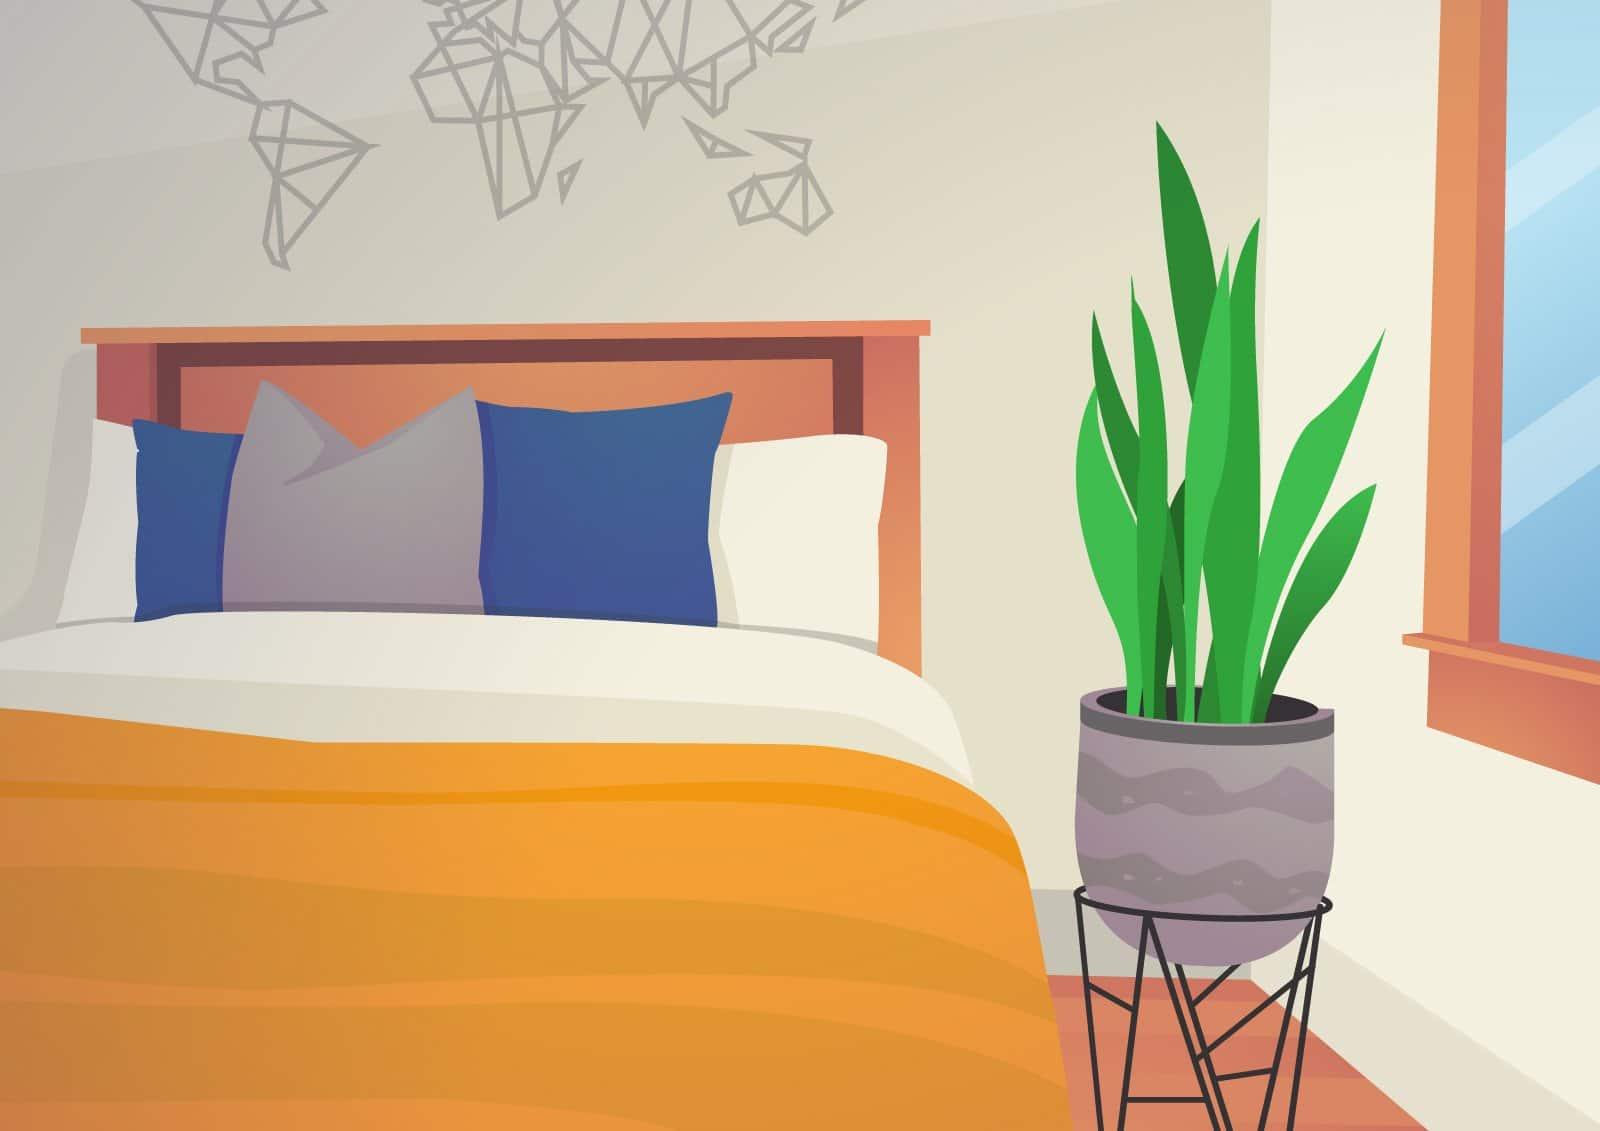 Pflanzen im Schlafzimmer: Fördernd oder schädlich?